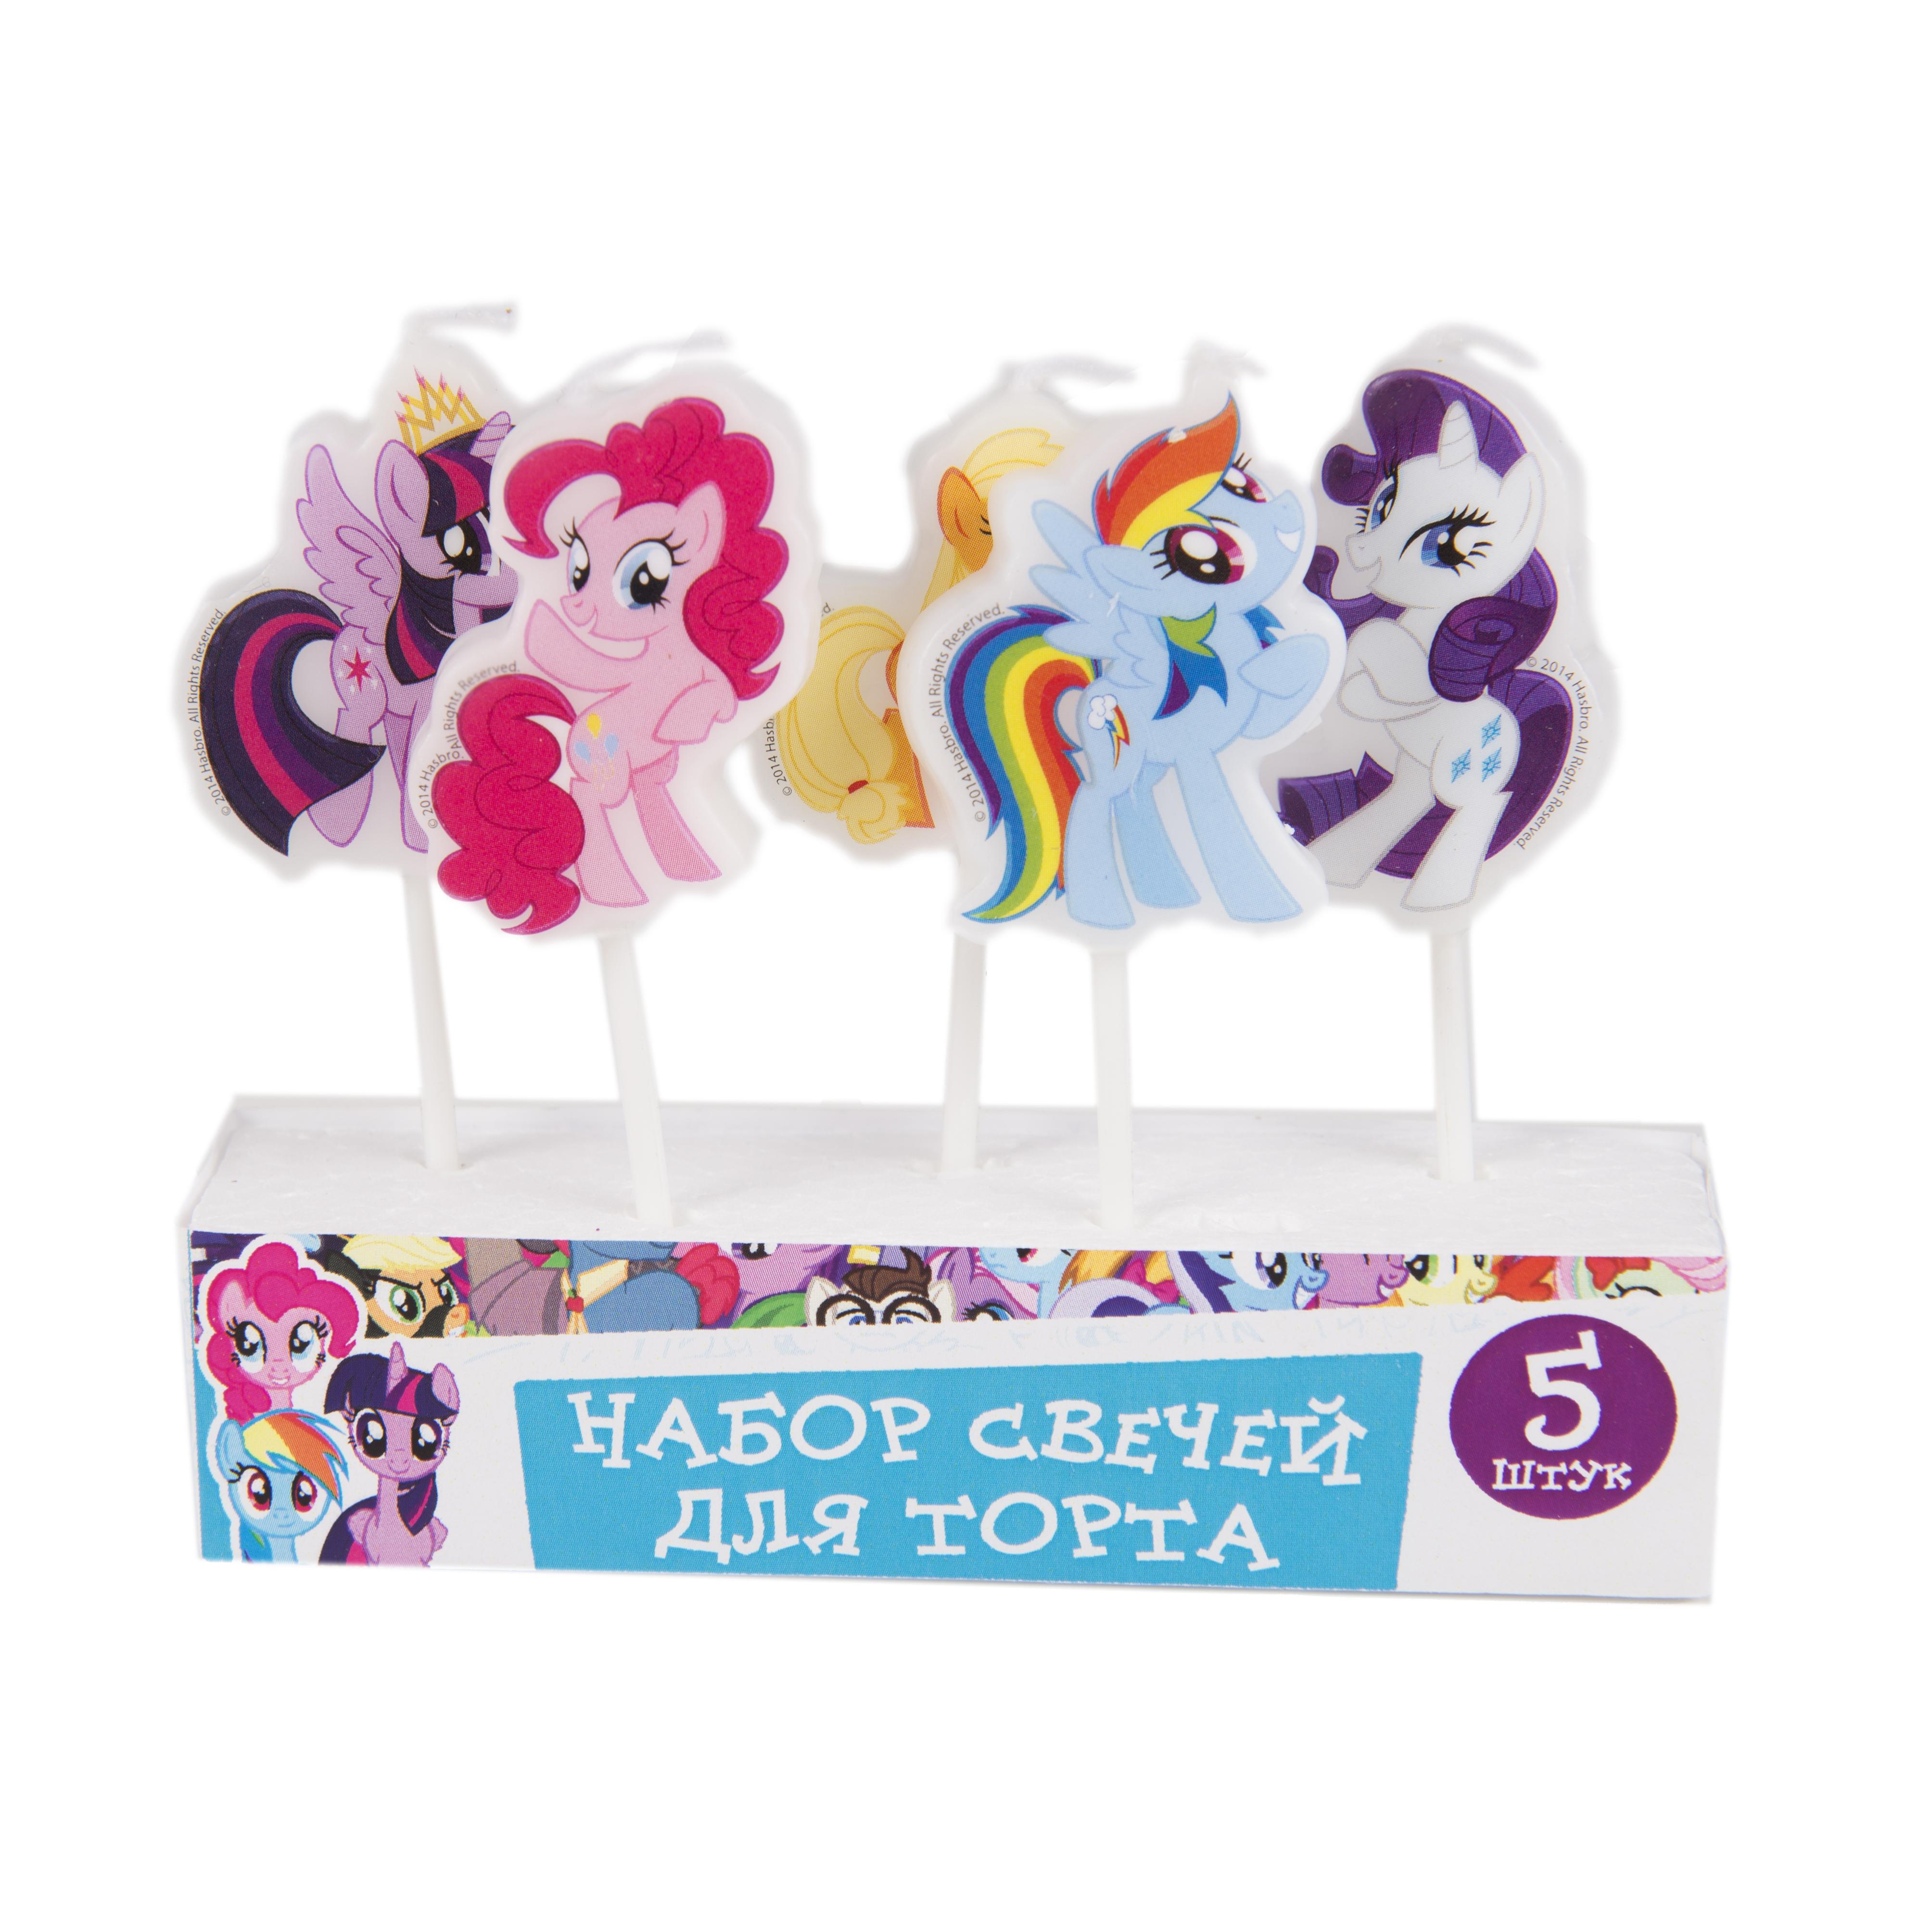 цена Набор свечей My Little Pony На палочках 5 шт онлайн в 2017 году